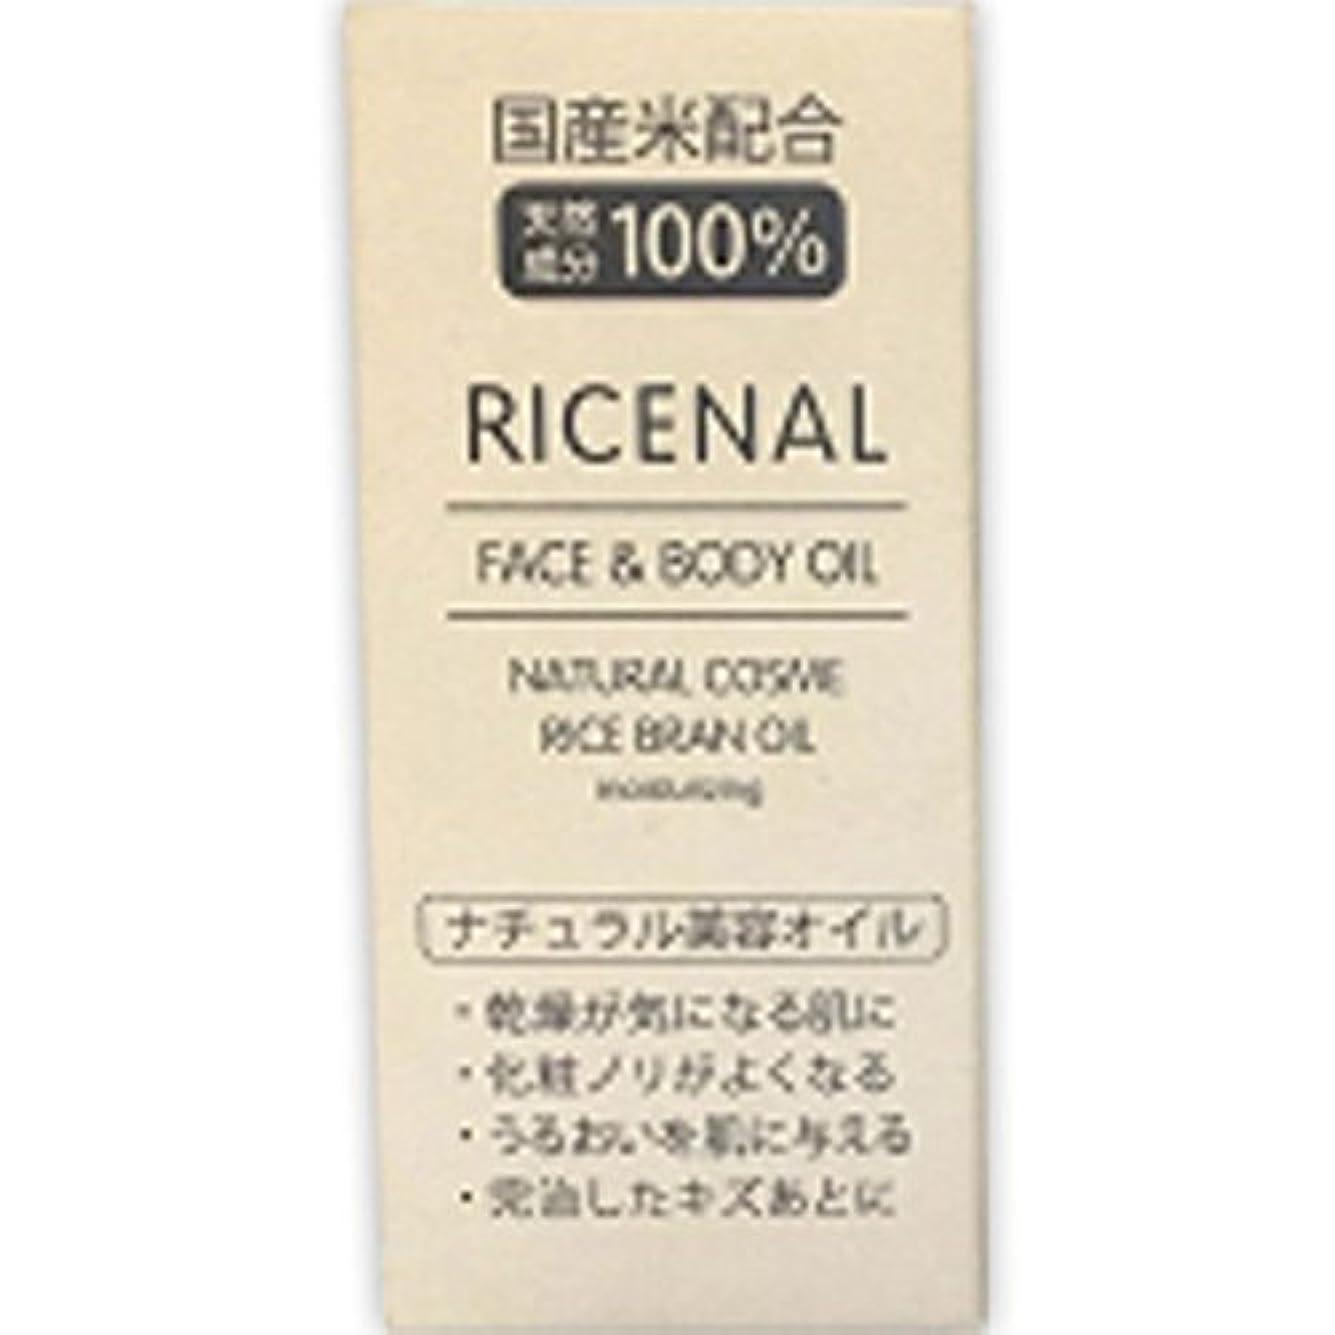 船酔い咽頭叫び声リセナル 美容オイル ミニサイズ (無香料) 20mL